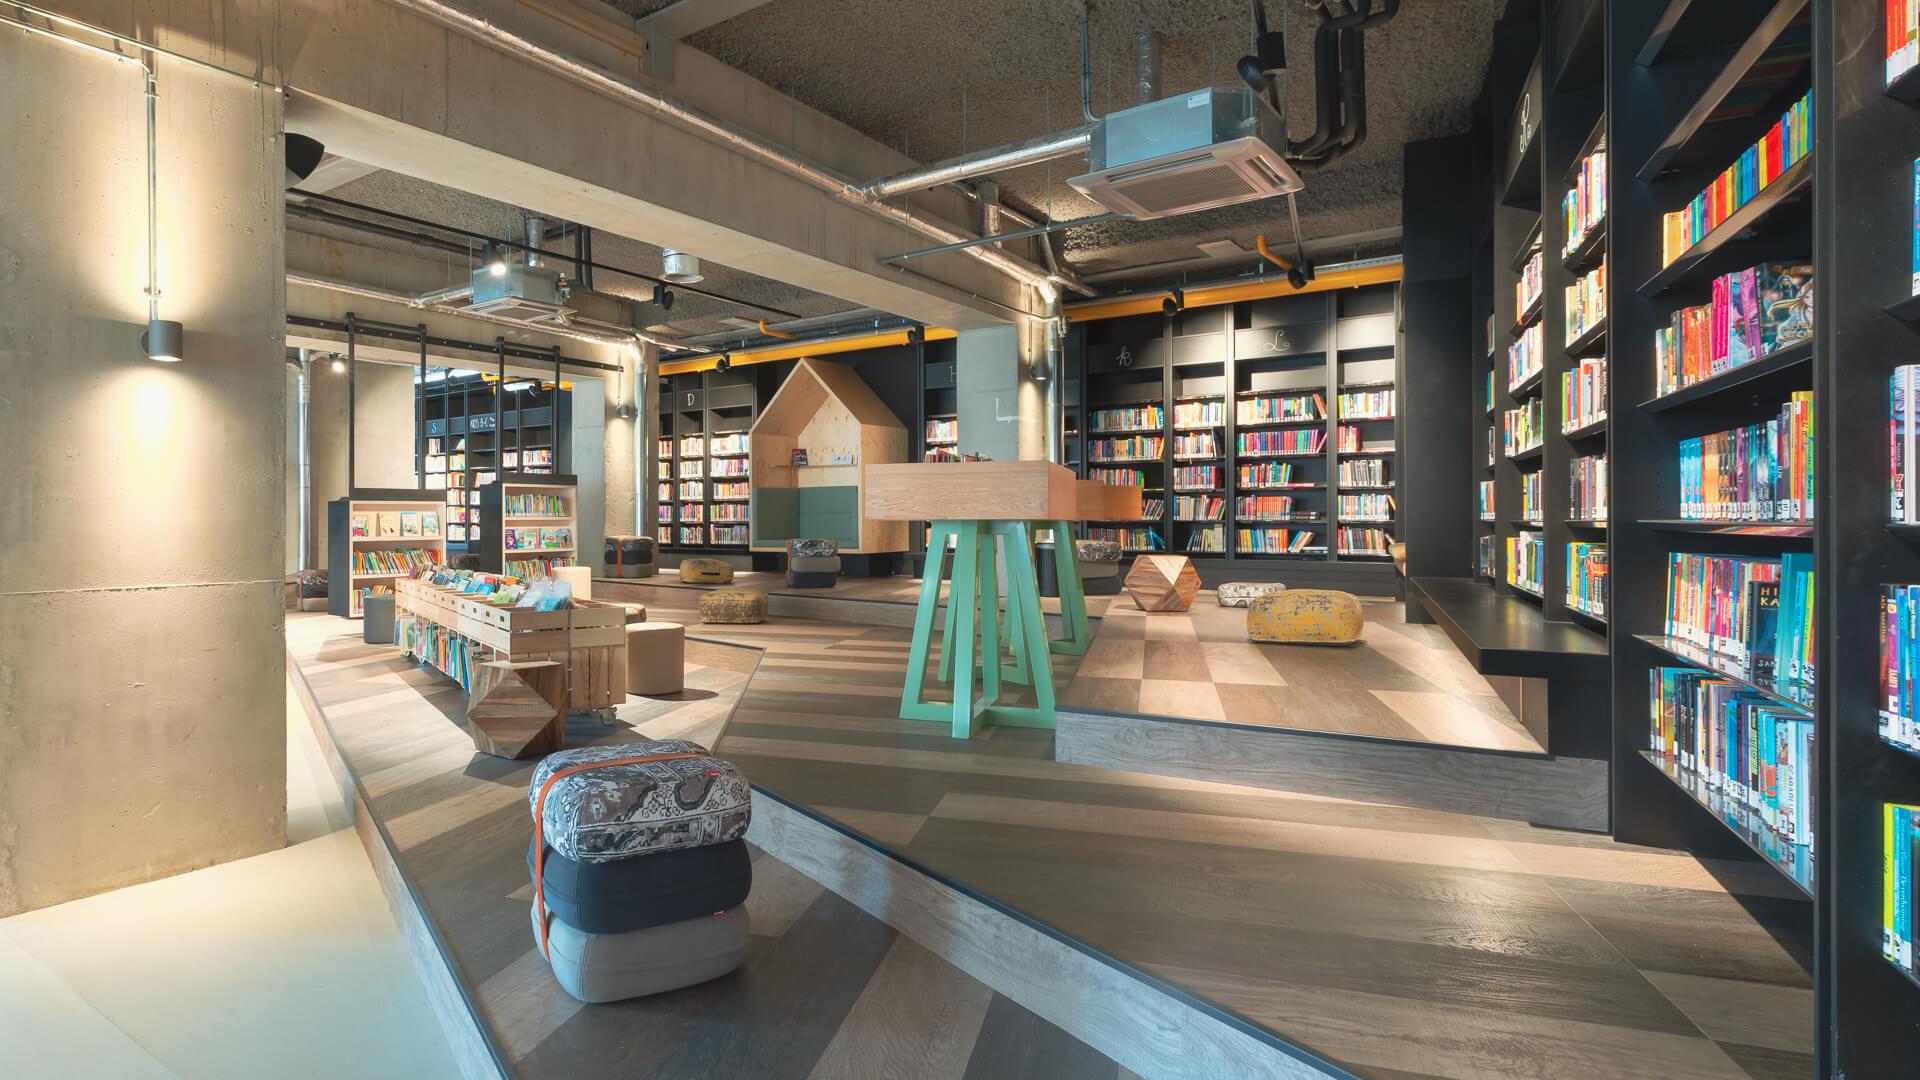 Aatvos_HUB-Kerkrade-social-library-design2